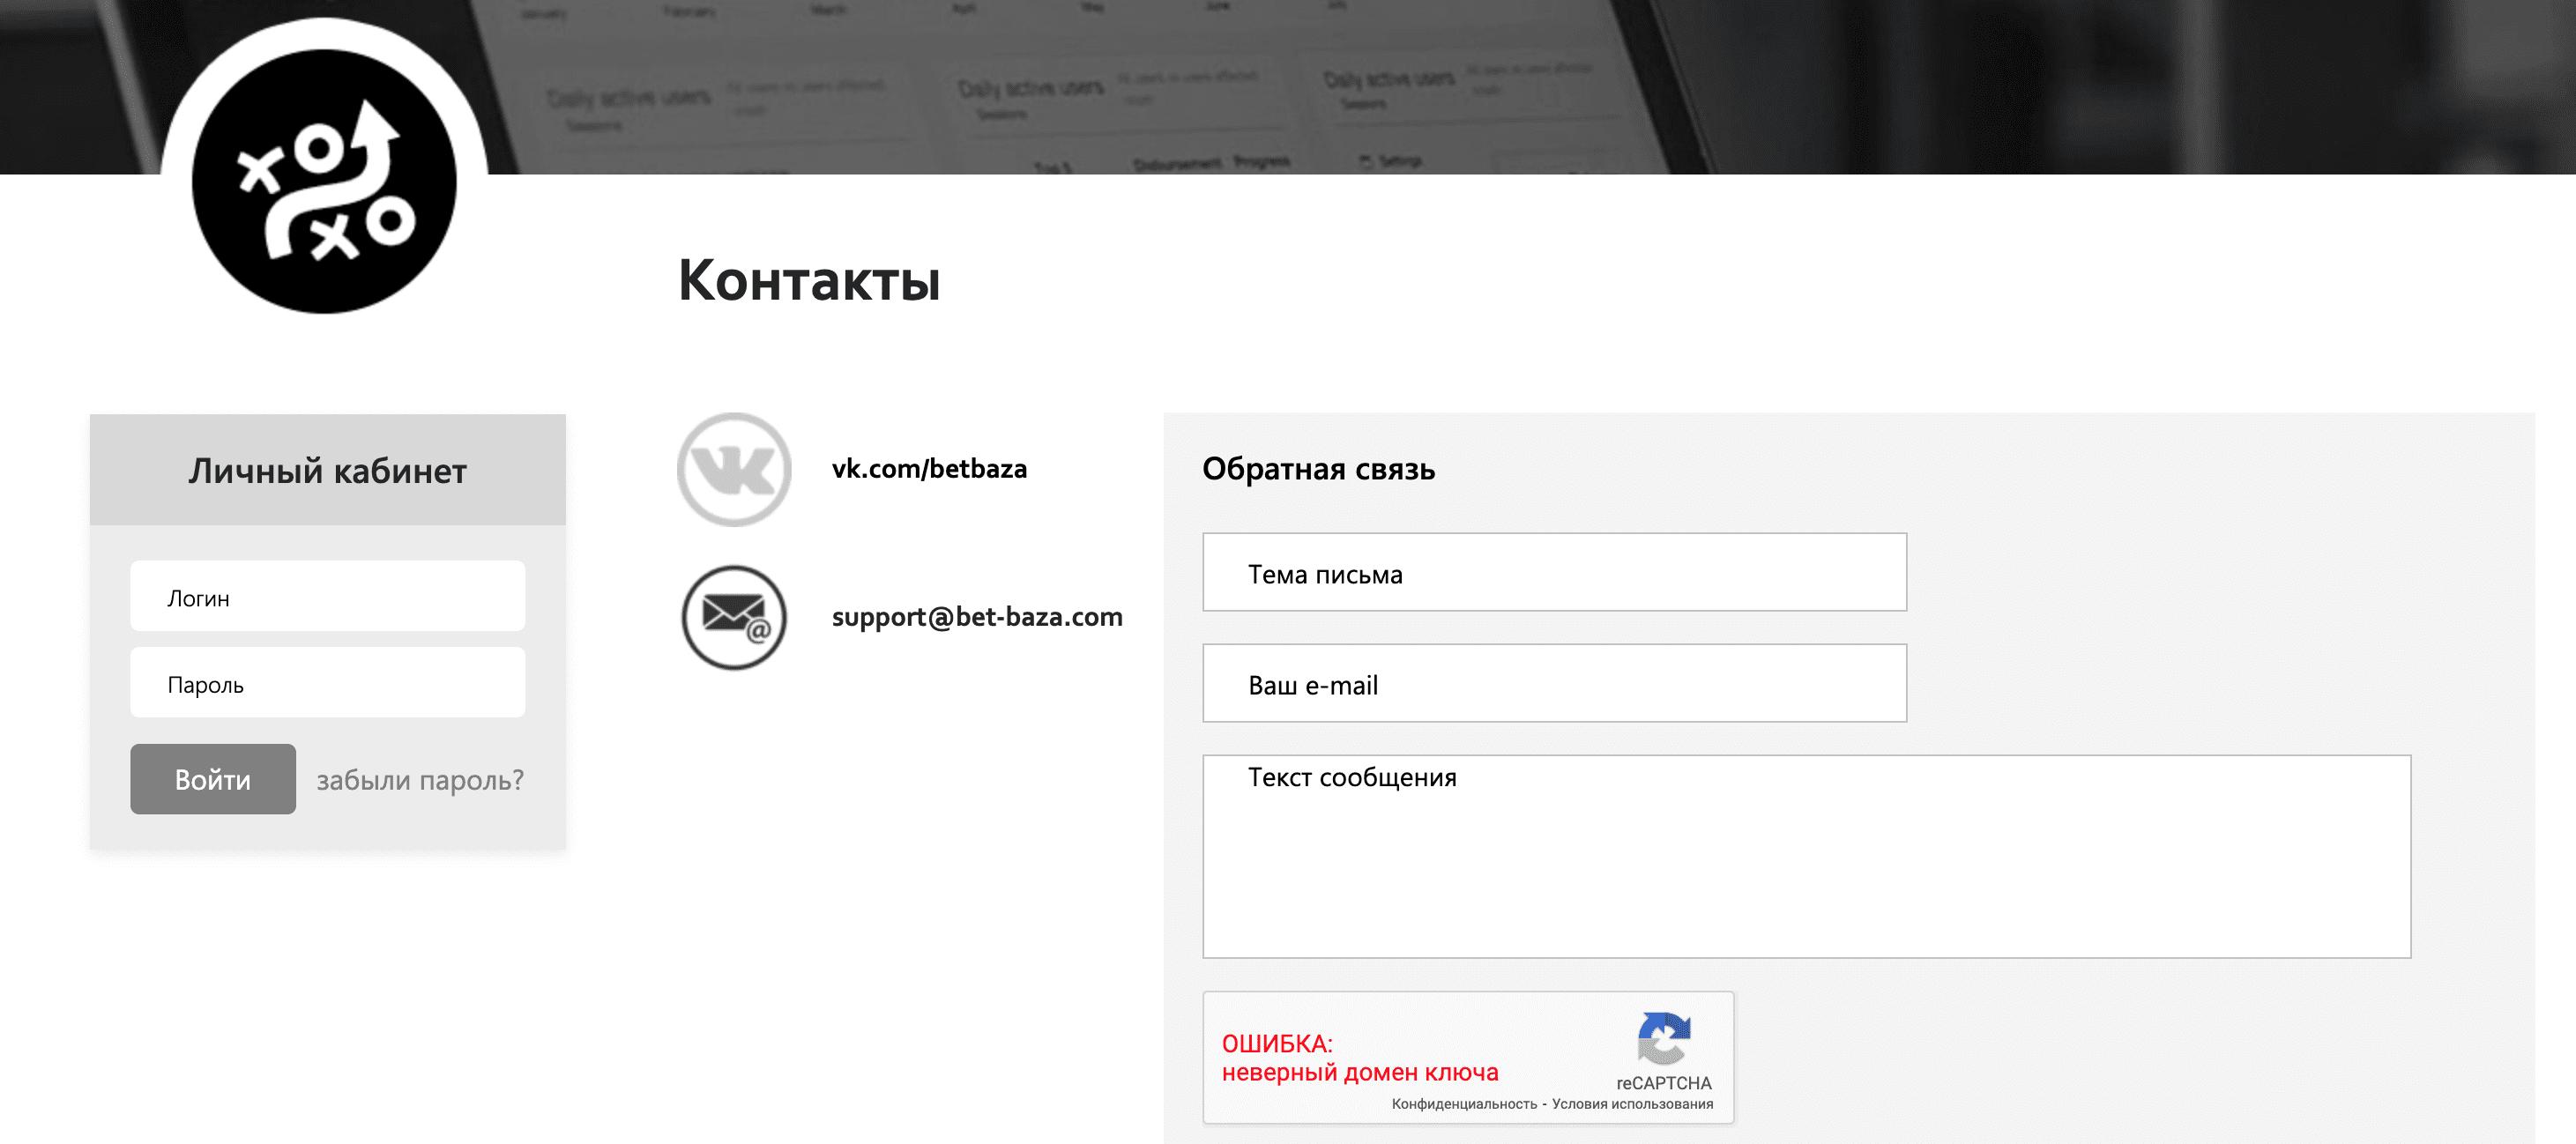 Контакты на сайте Бет-База.ком (Bet-Baza.com)